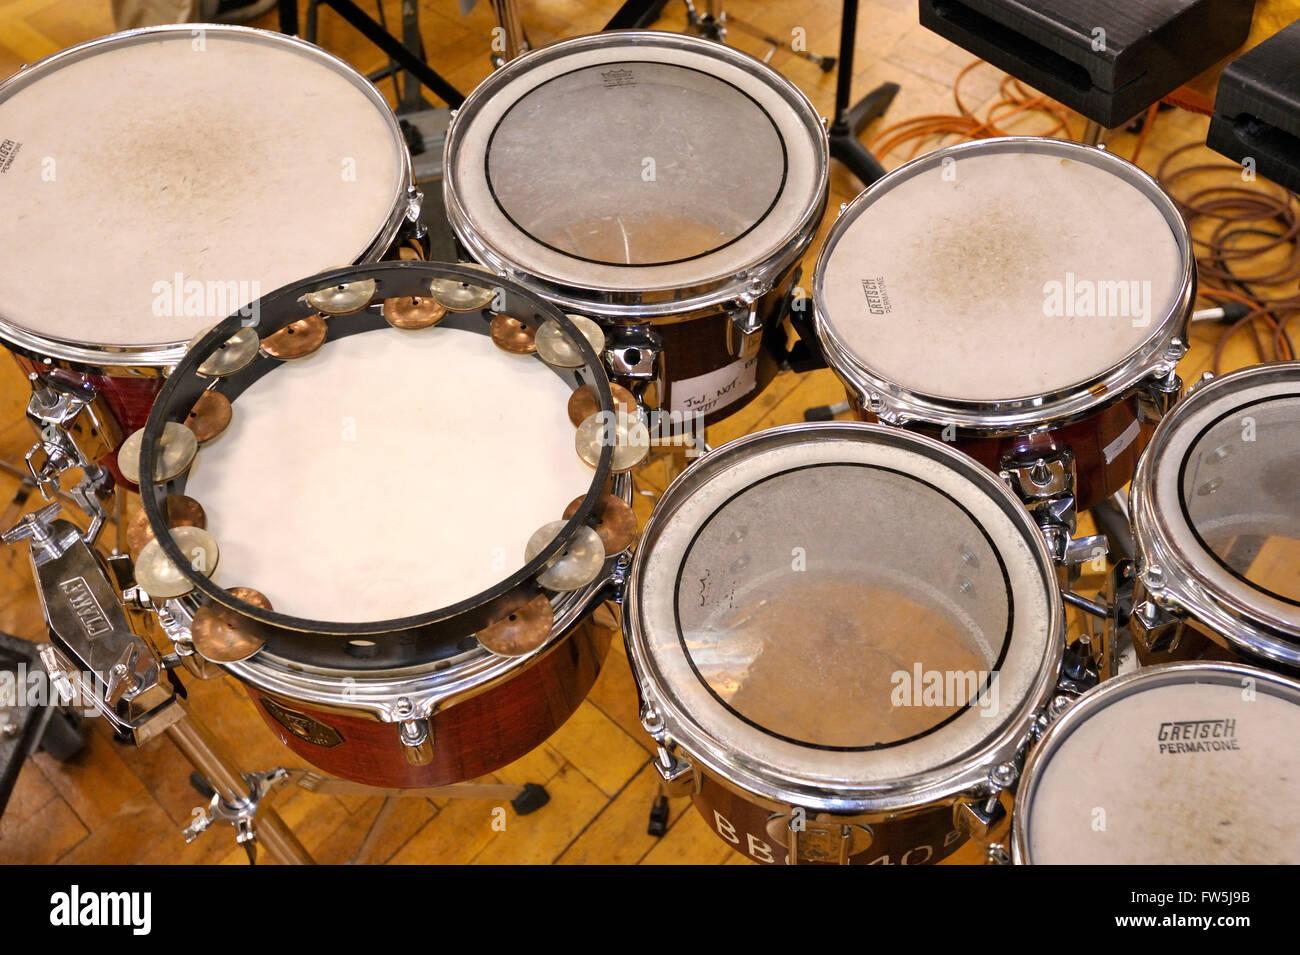 7 Tom-Toms, kleine Handtrommeln mit Ursprung in der lateinamerikanischen Musik, hier im modernen Symphonieorchester Stockbild